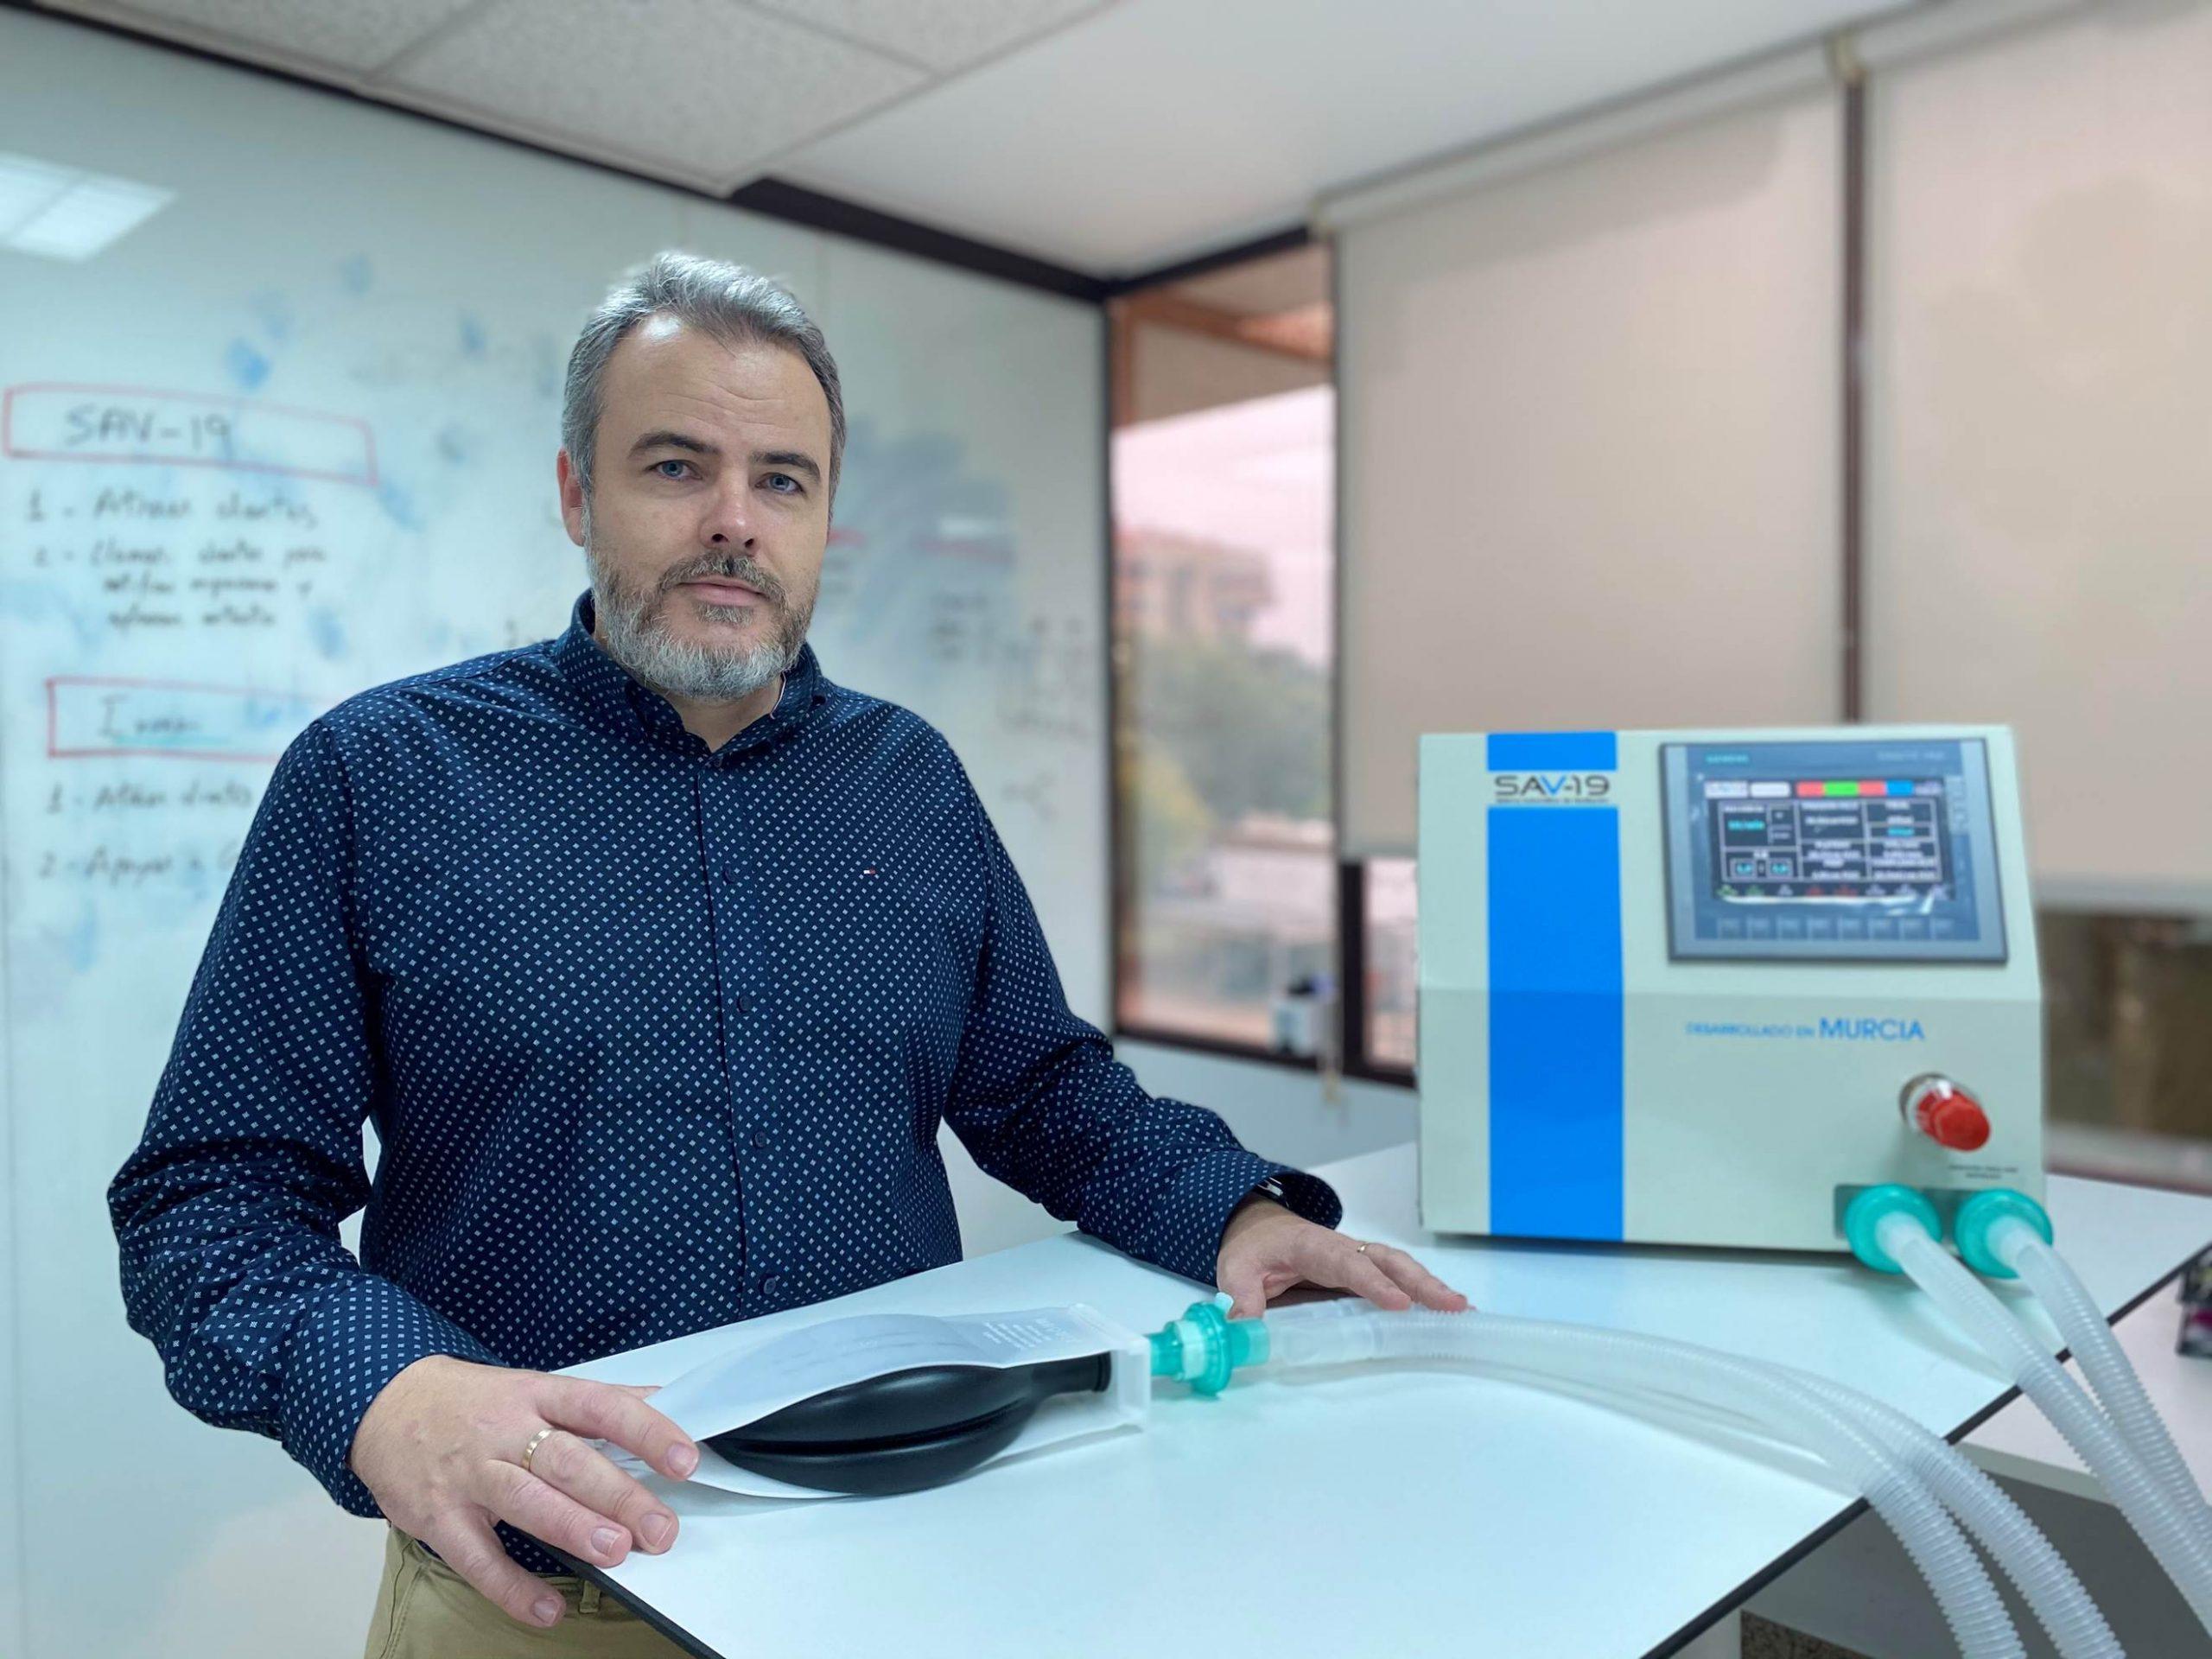 Inbentus, compañía de ingeniería, consultoría y tecnología médica, crea SAV-19, un ventilador mecánico automático para luchar con la Covid-19